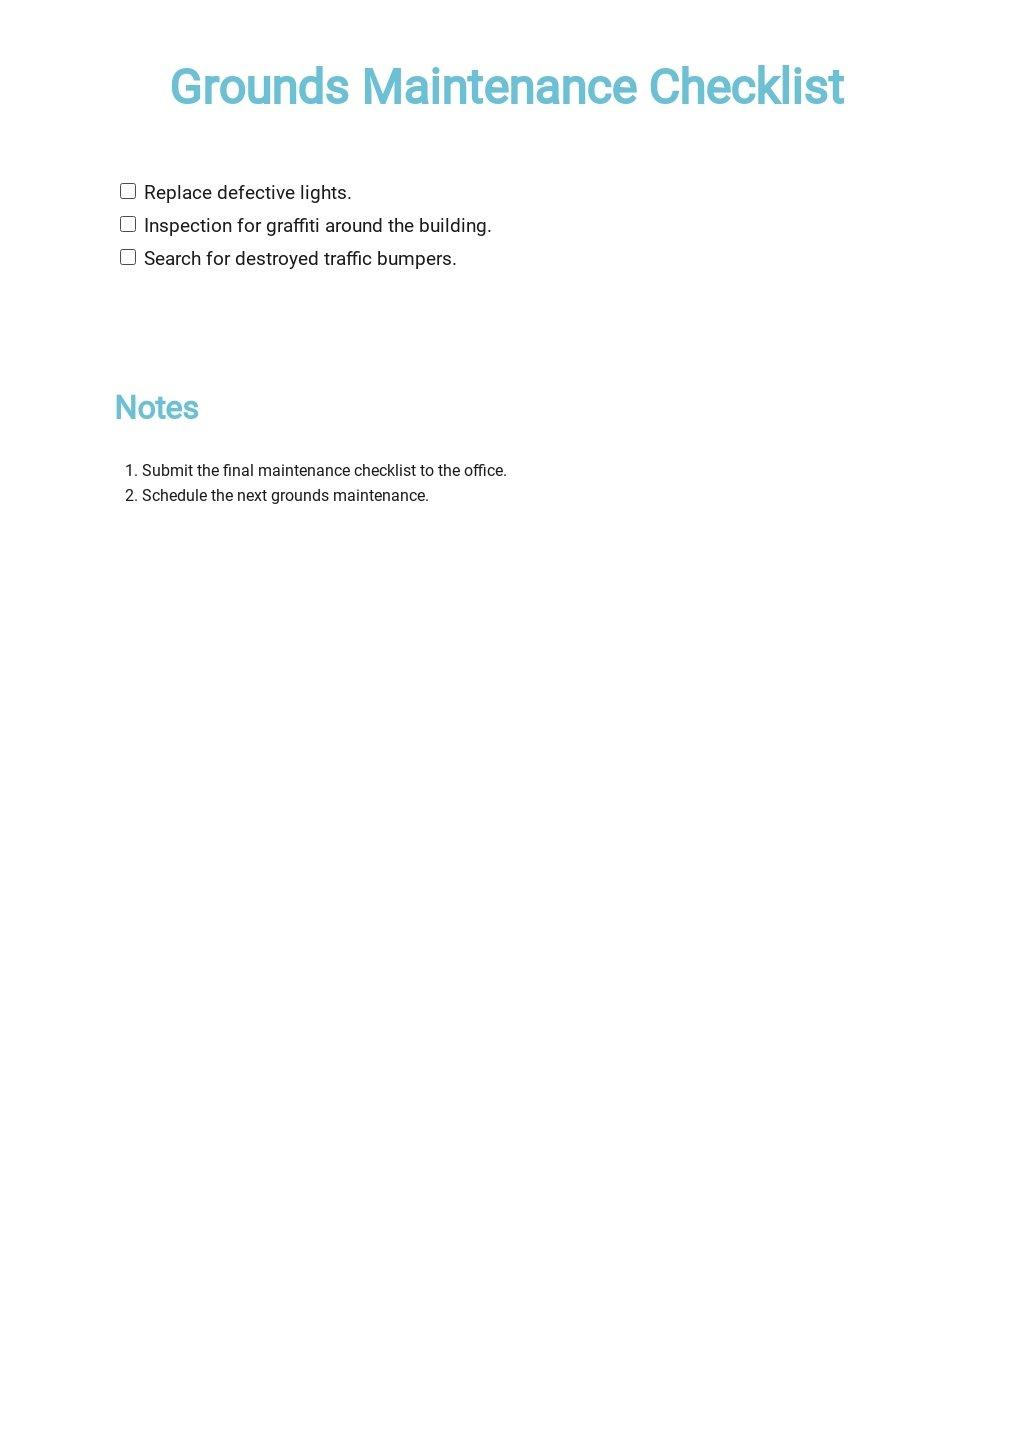 Grounds Maintenance Checklist Template.jpe